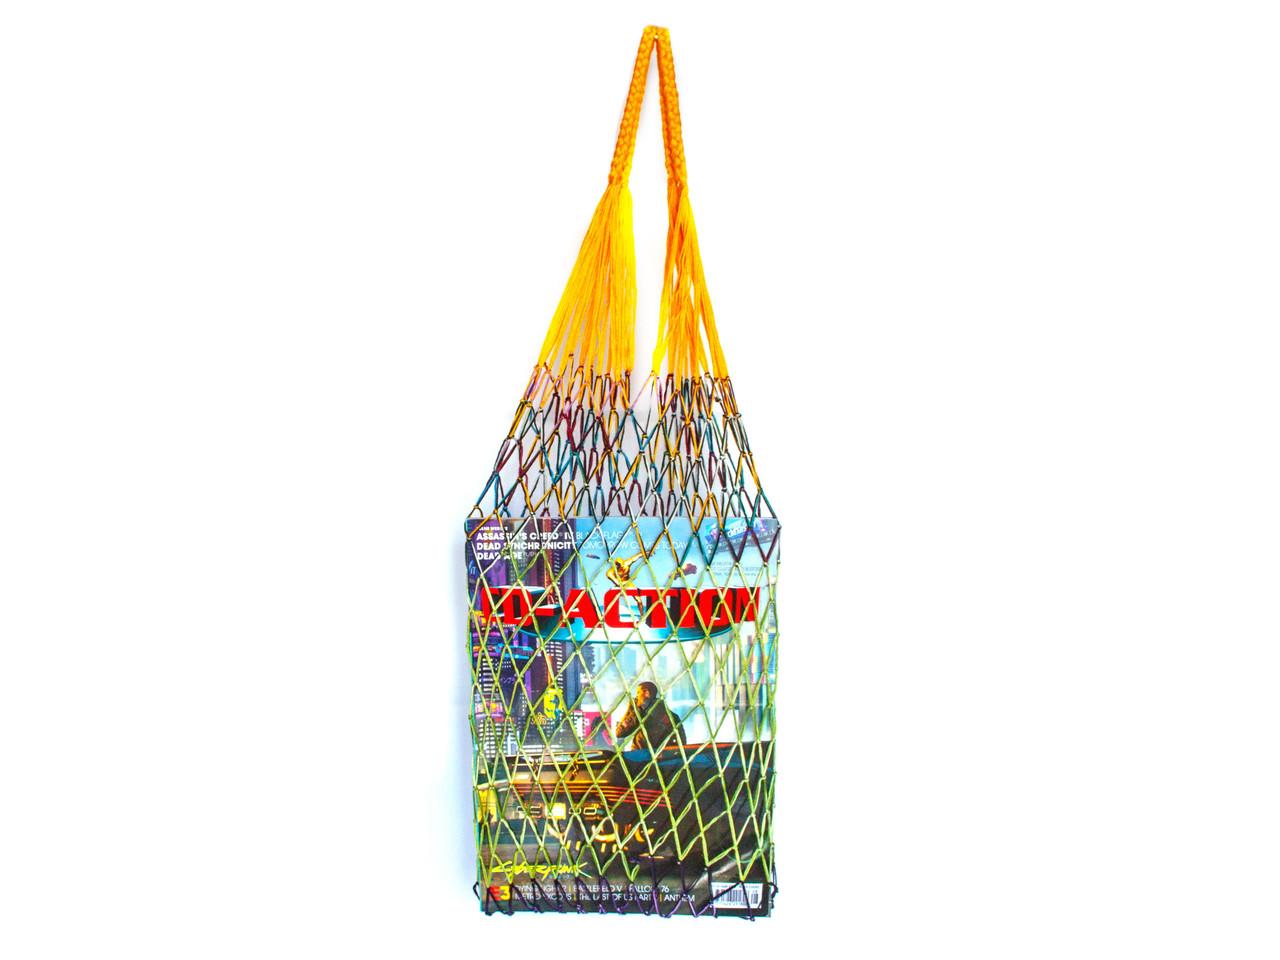 Французская сумка  - Эко сумка -  Эксклюзивная сумка - Шопер сумка